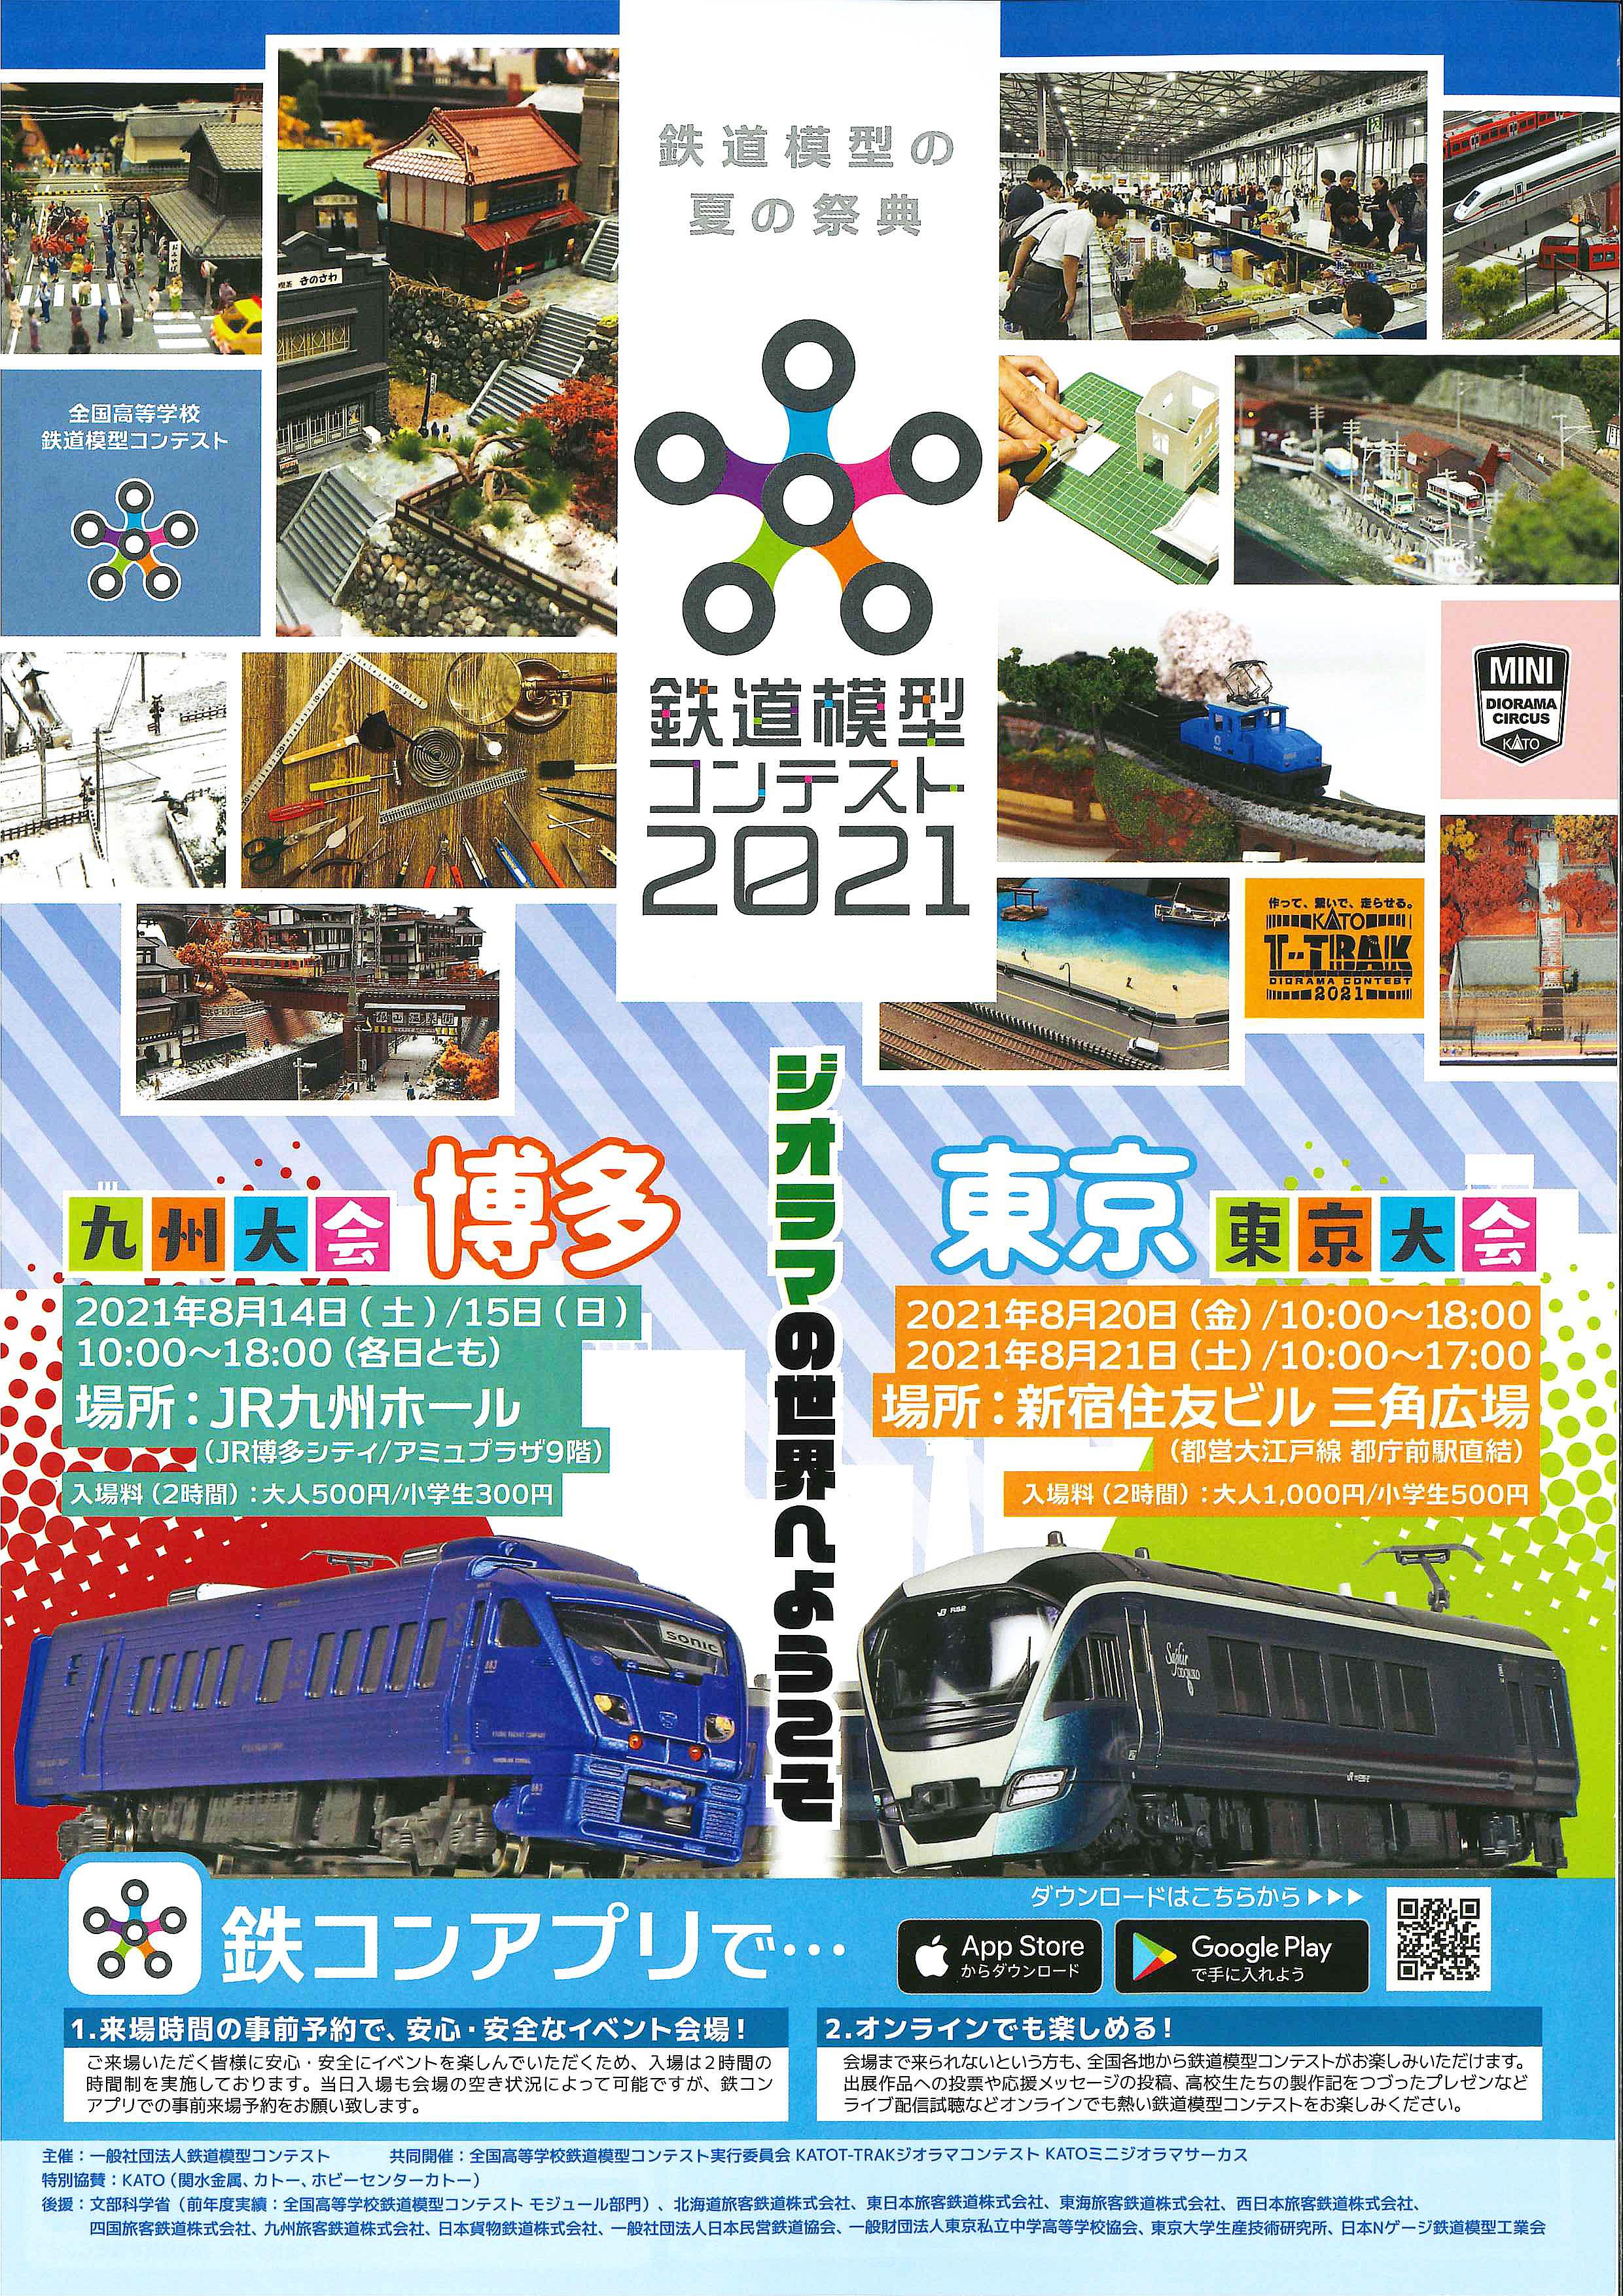 九州・東京で「鉄道模型コンテスト2021」を開催 8月14、15日と20、21日、関水金属が特別協賛 画像1